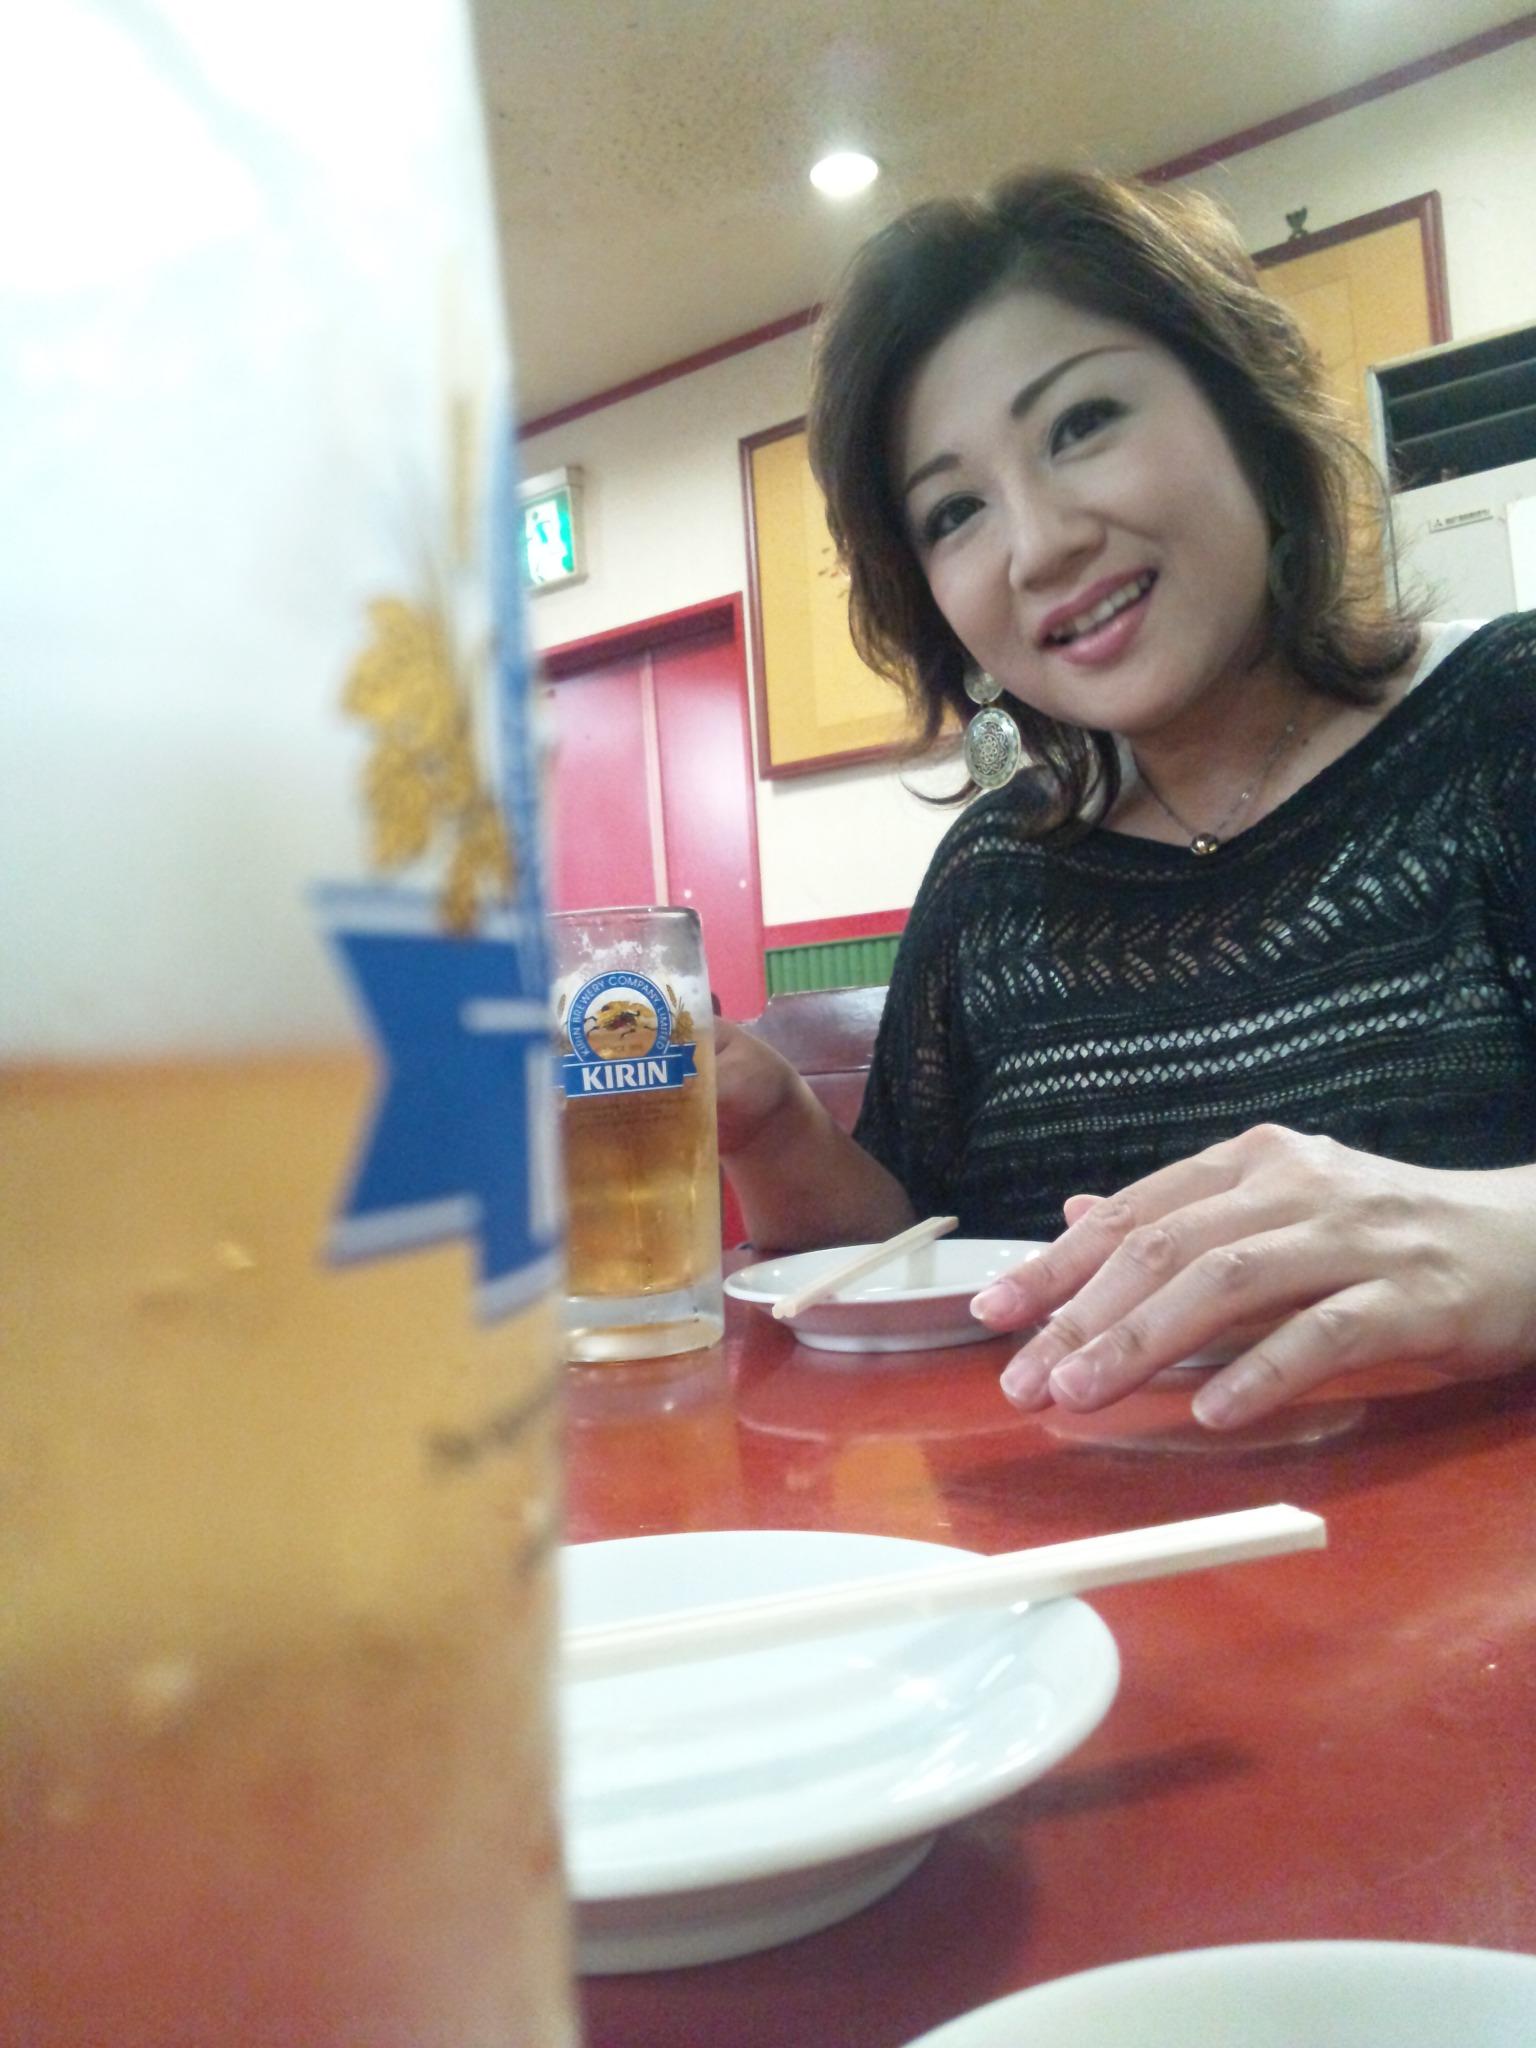 今日は三重県の鈴鹿市に行きます。_e0119092_9151465.jpg